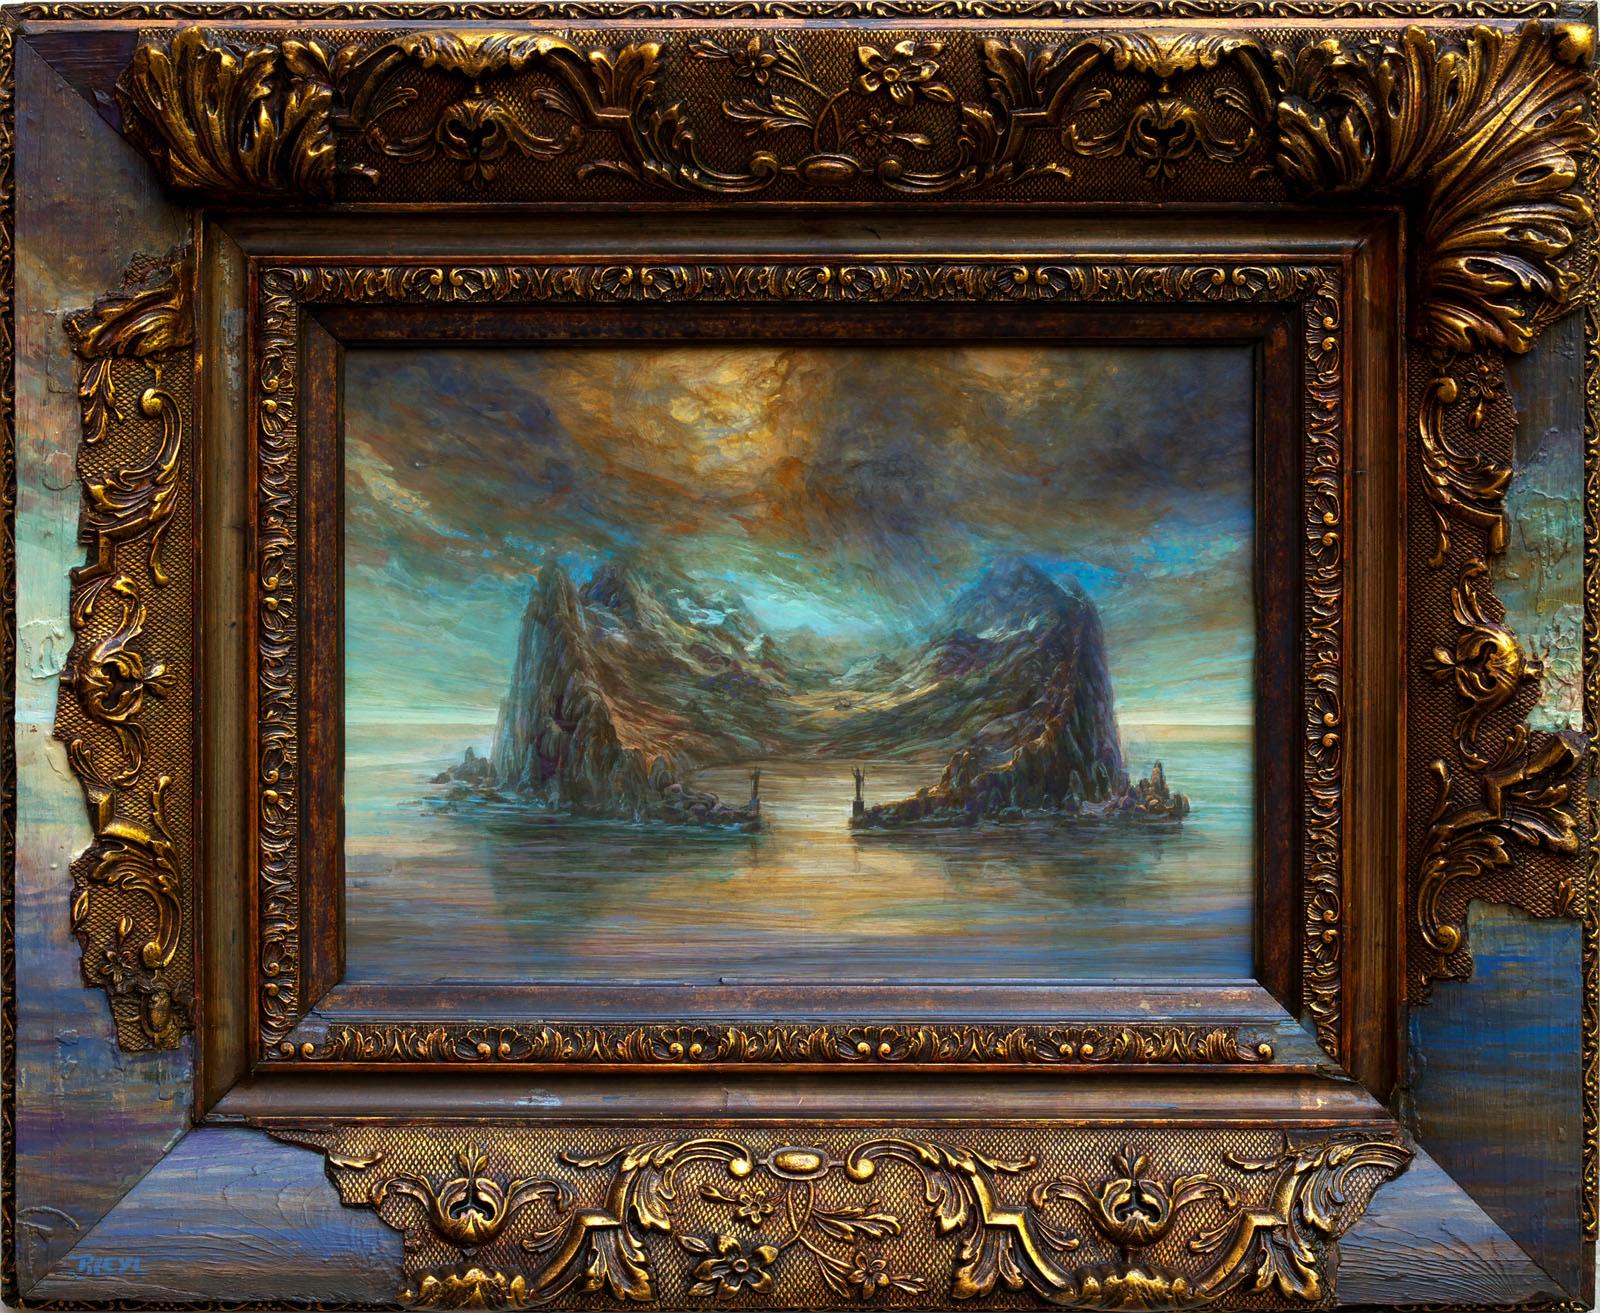 Isle of Peace / Mandos / Isle of the Dead